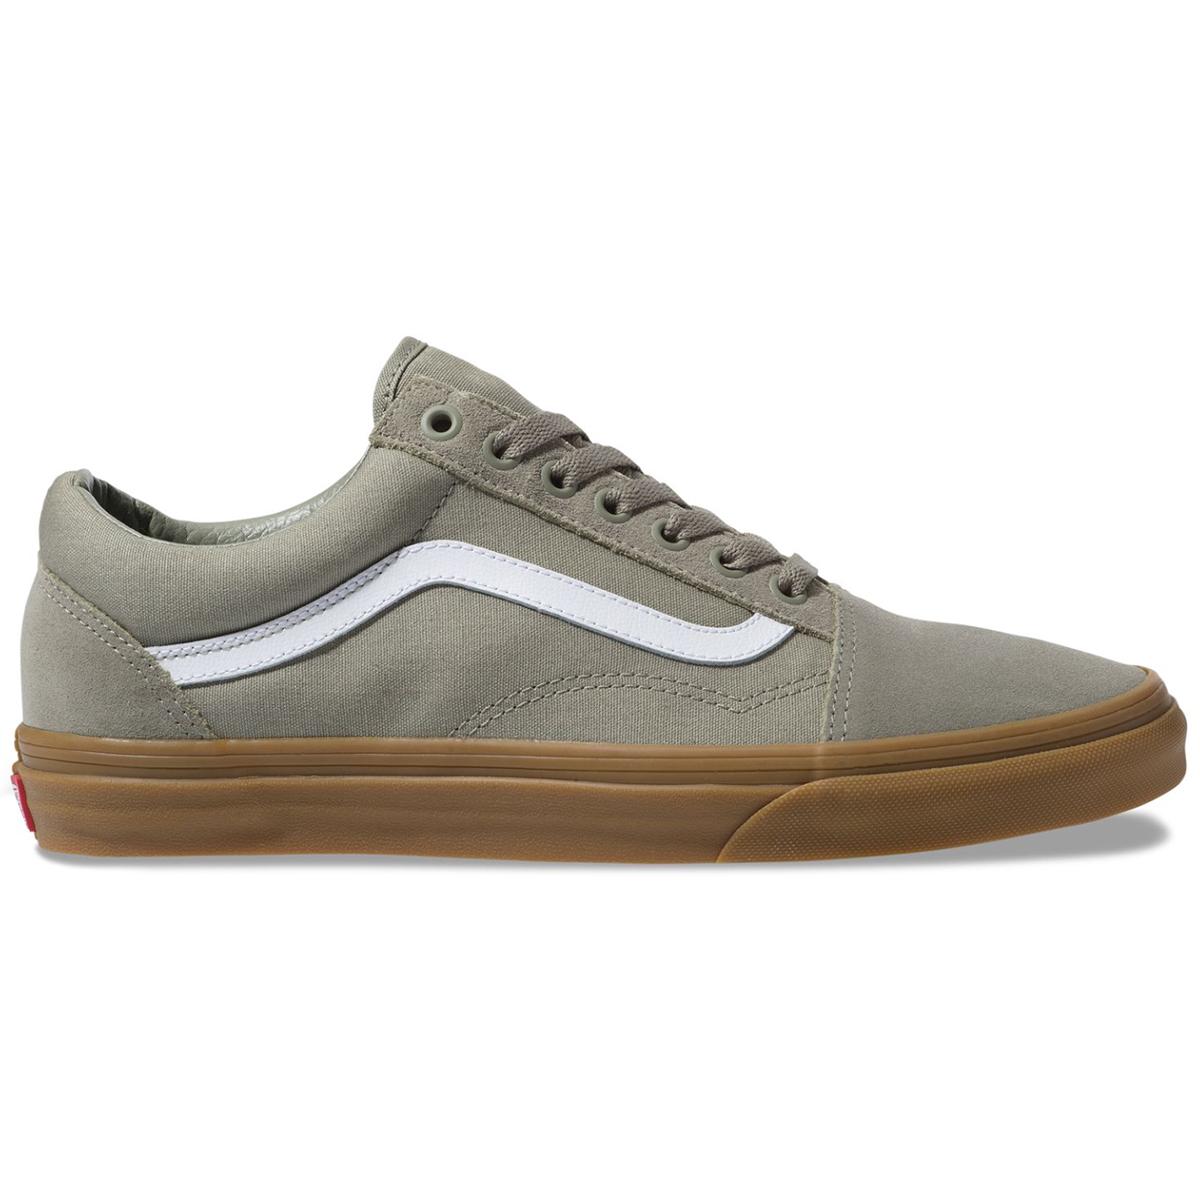 Vans Men's Old Skool Sneakers - Green, 12